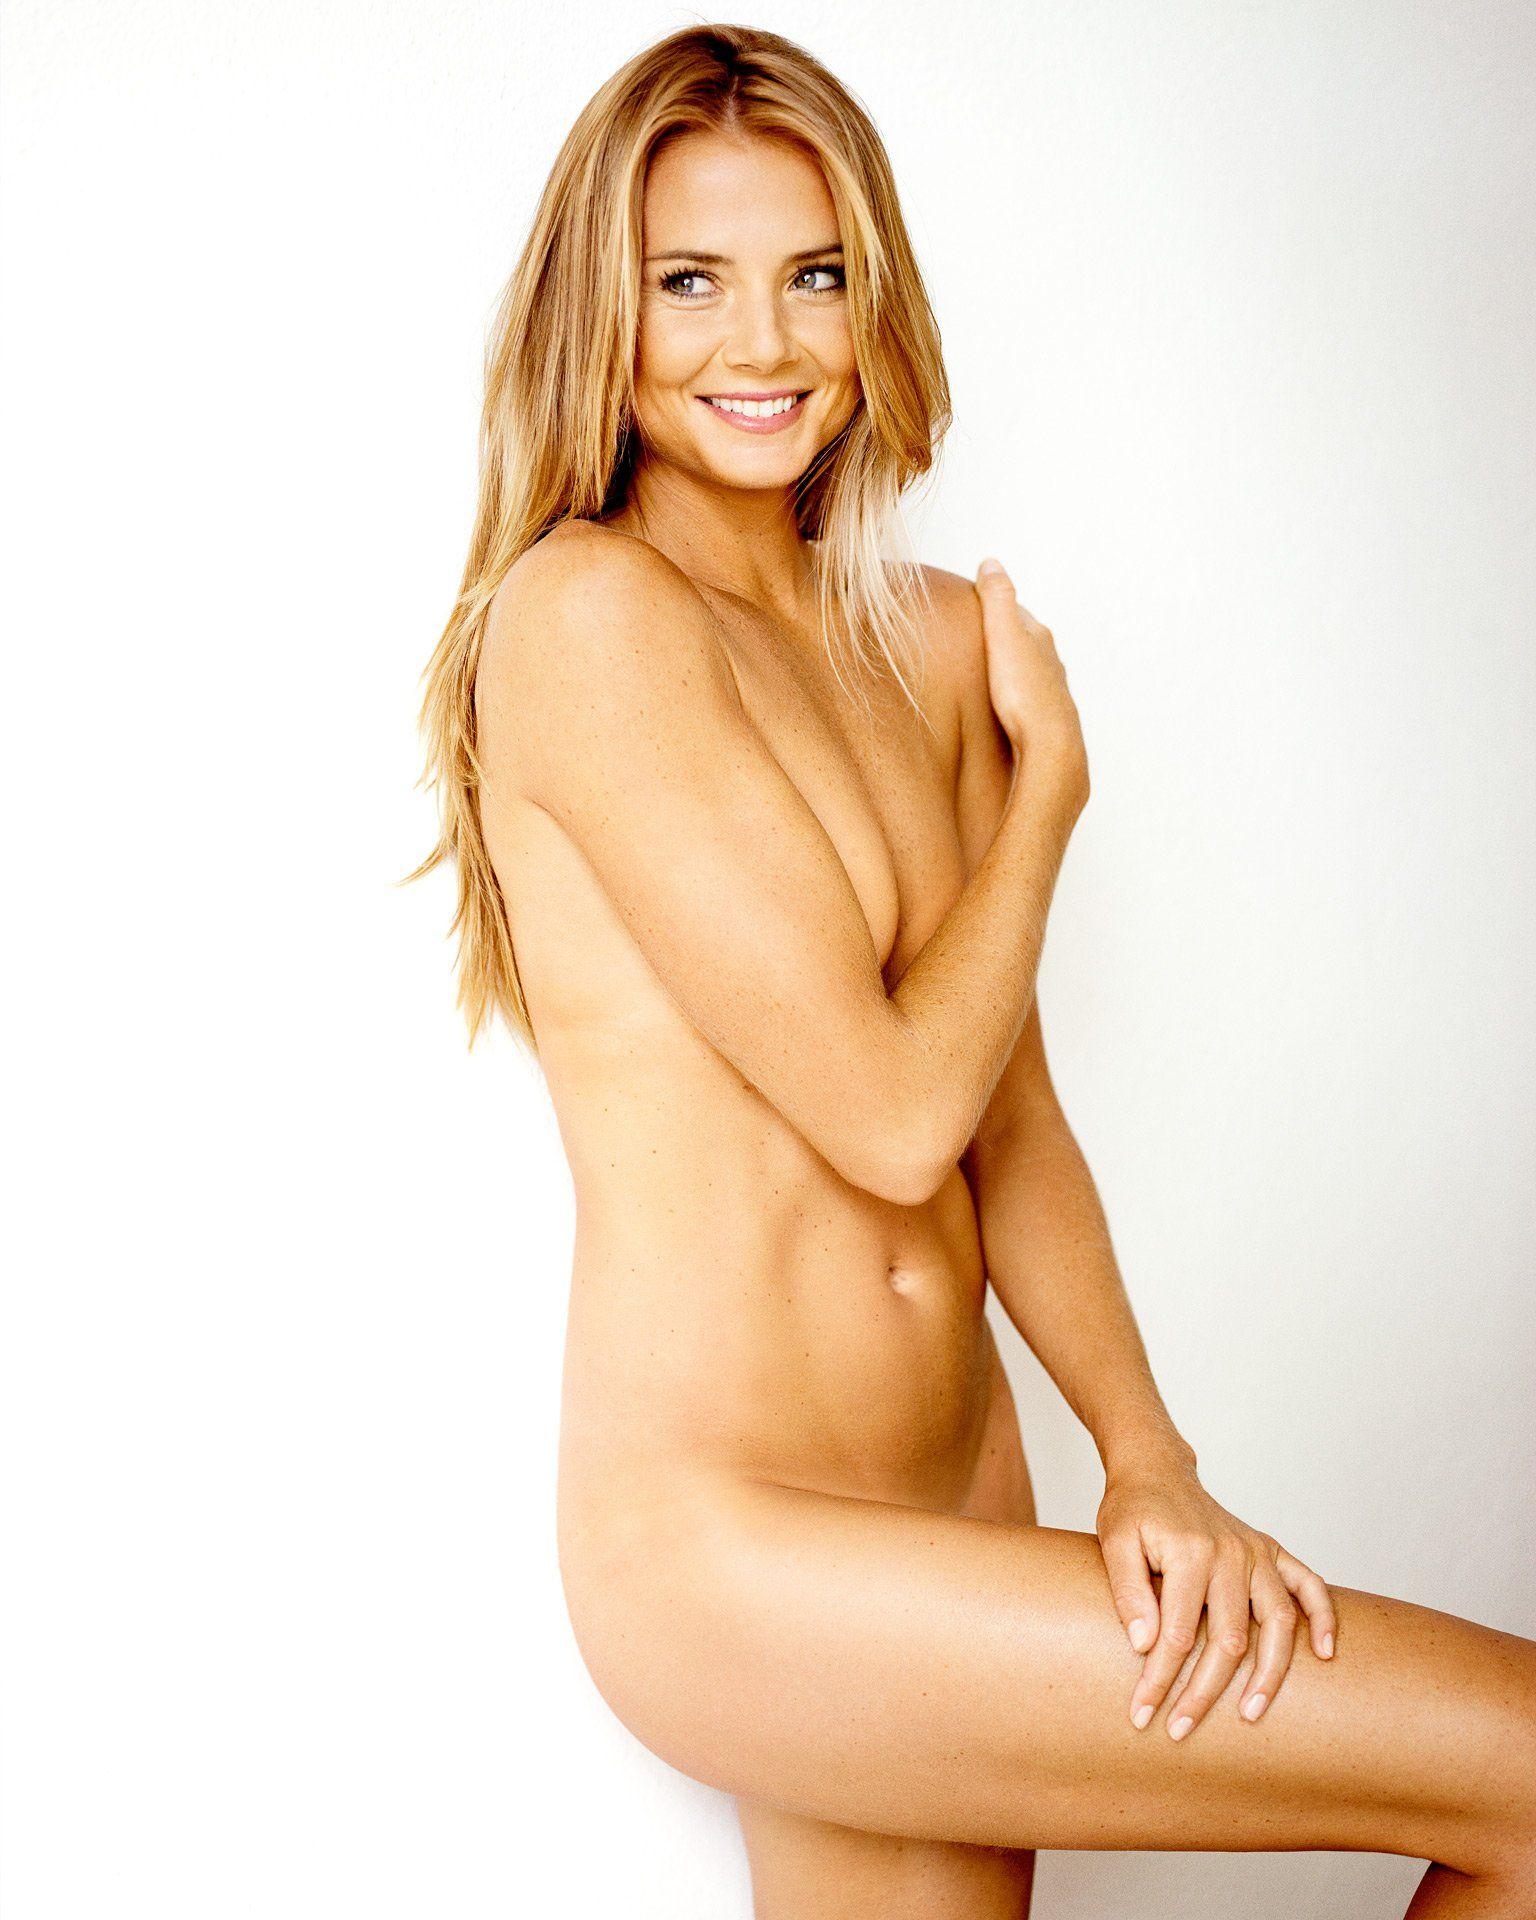 Erotica Daniela Hantuchova nudes (95 photos), Ass, Cleavage, Boobs, cameltoe 2020